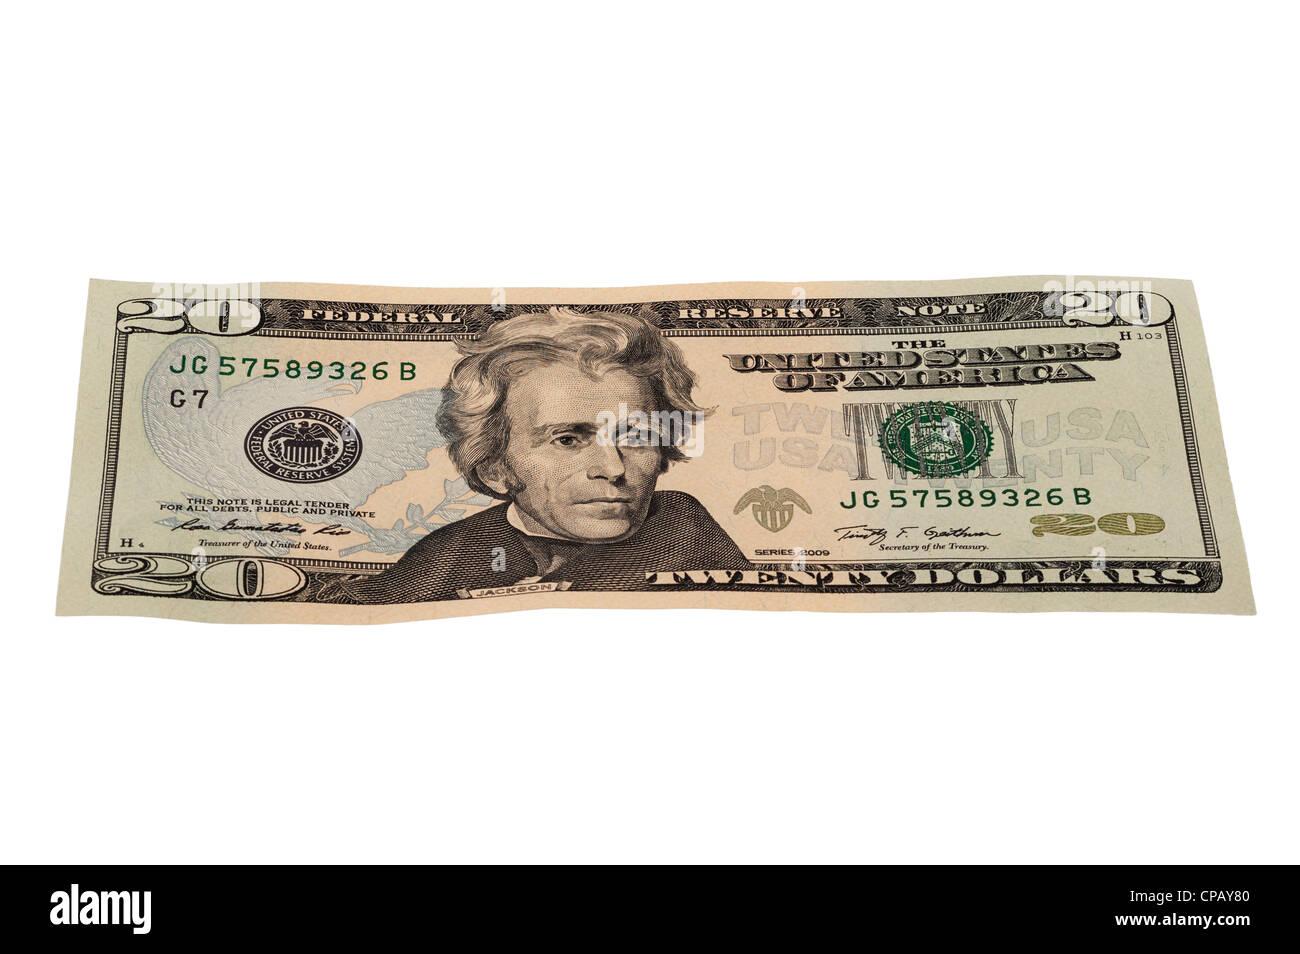 Un dollar 20 note du Nord sur un fond blanc Photo Stock